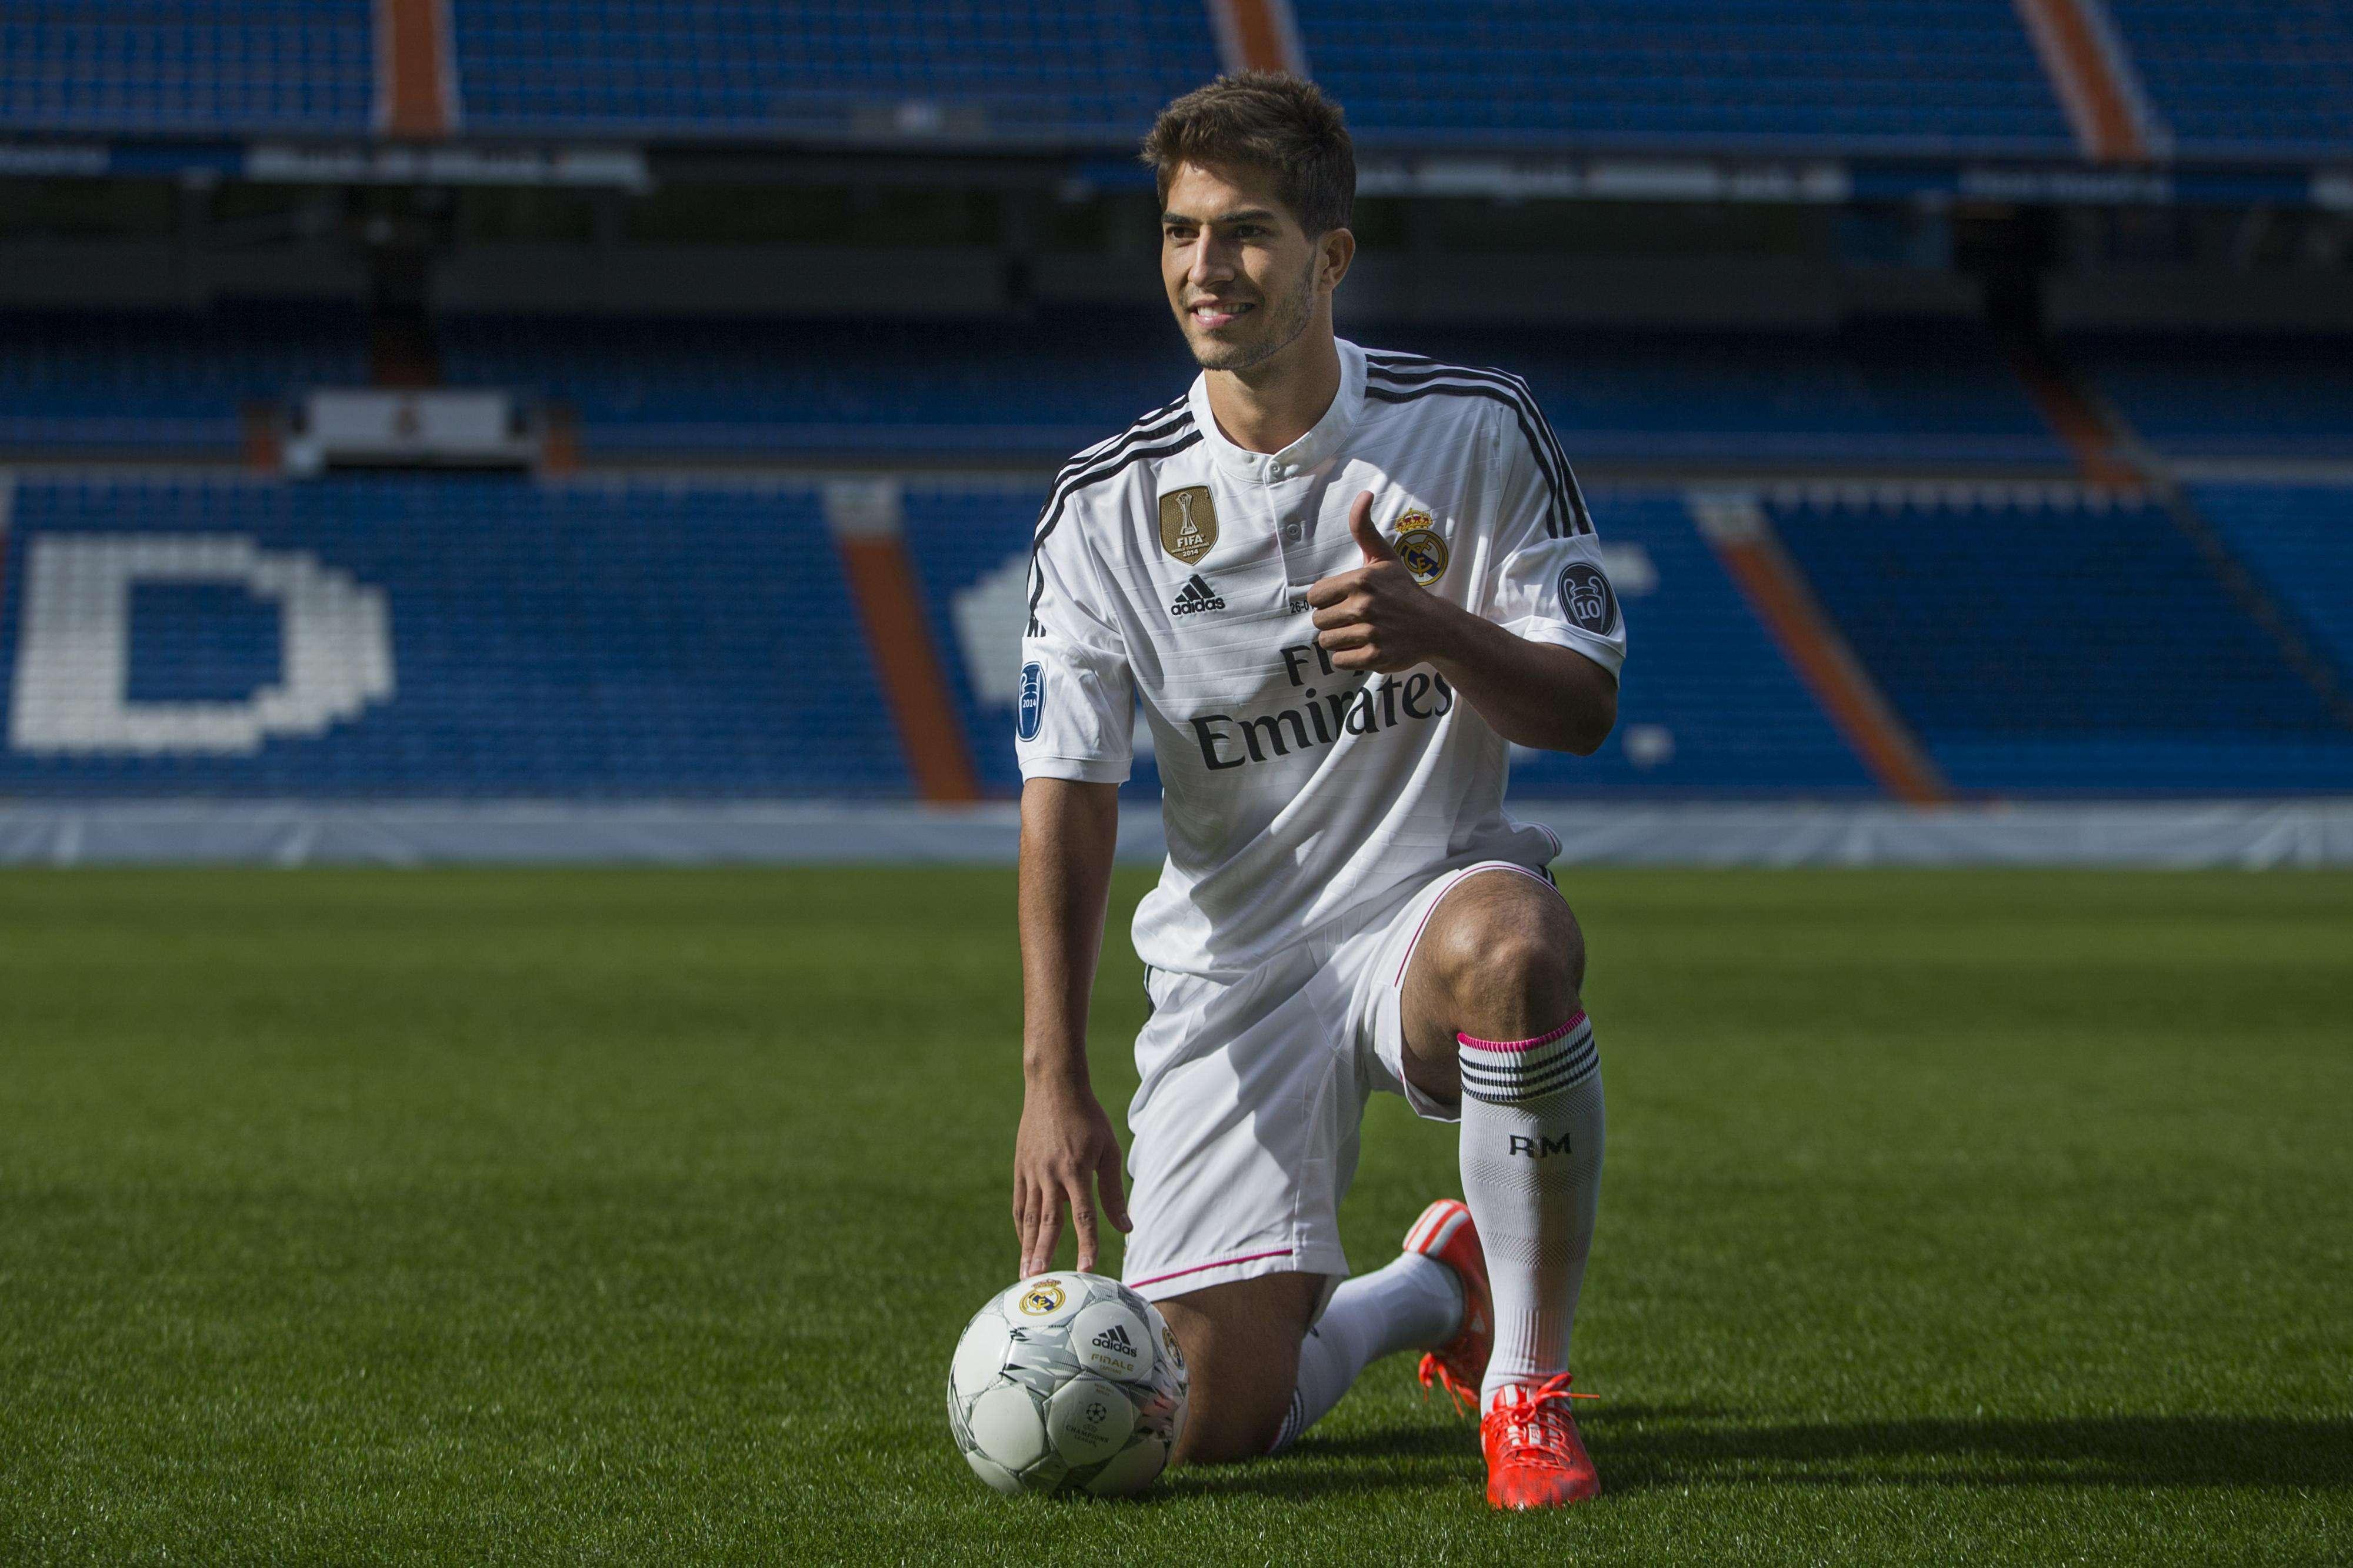 Lucas Silva volta ao Santiago Bernabéu, mas não mais como torcedor Foto: Andres Kudacki/AP